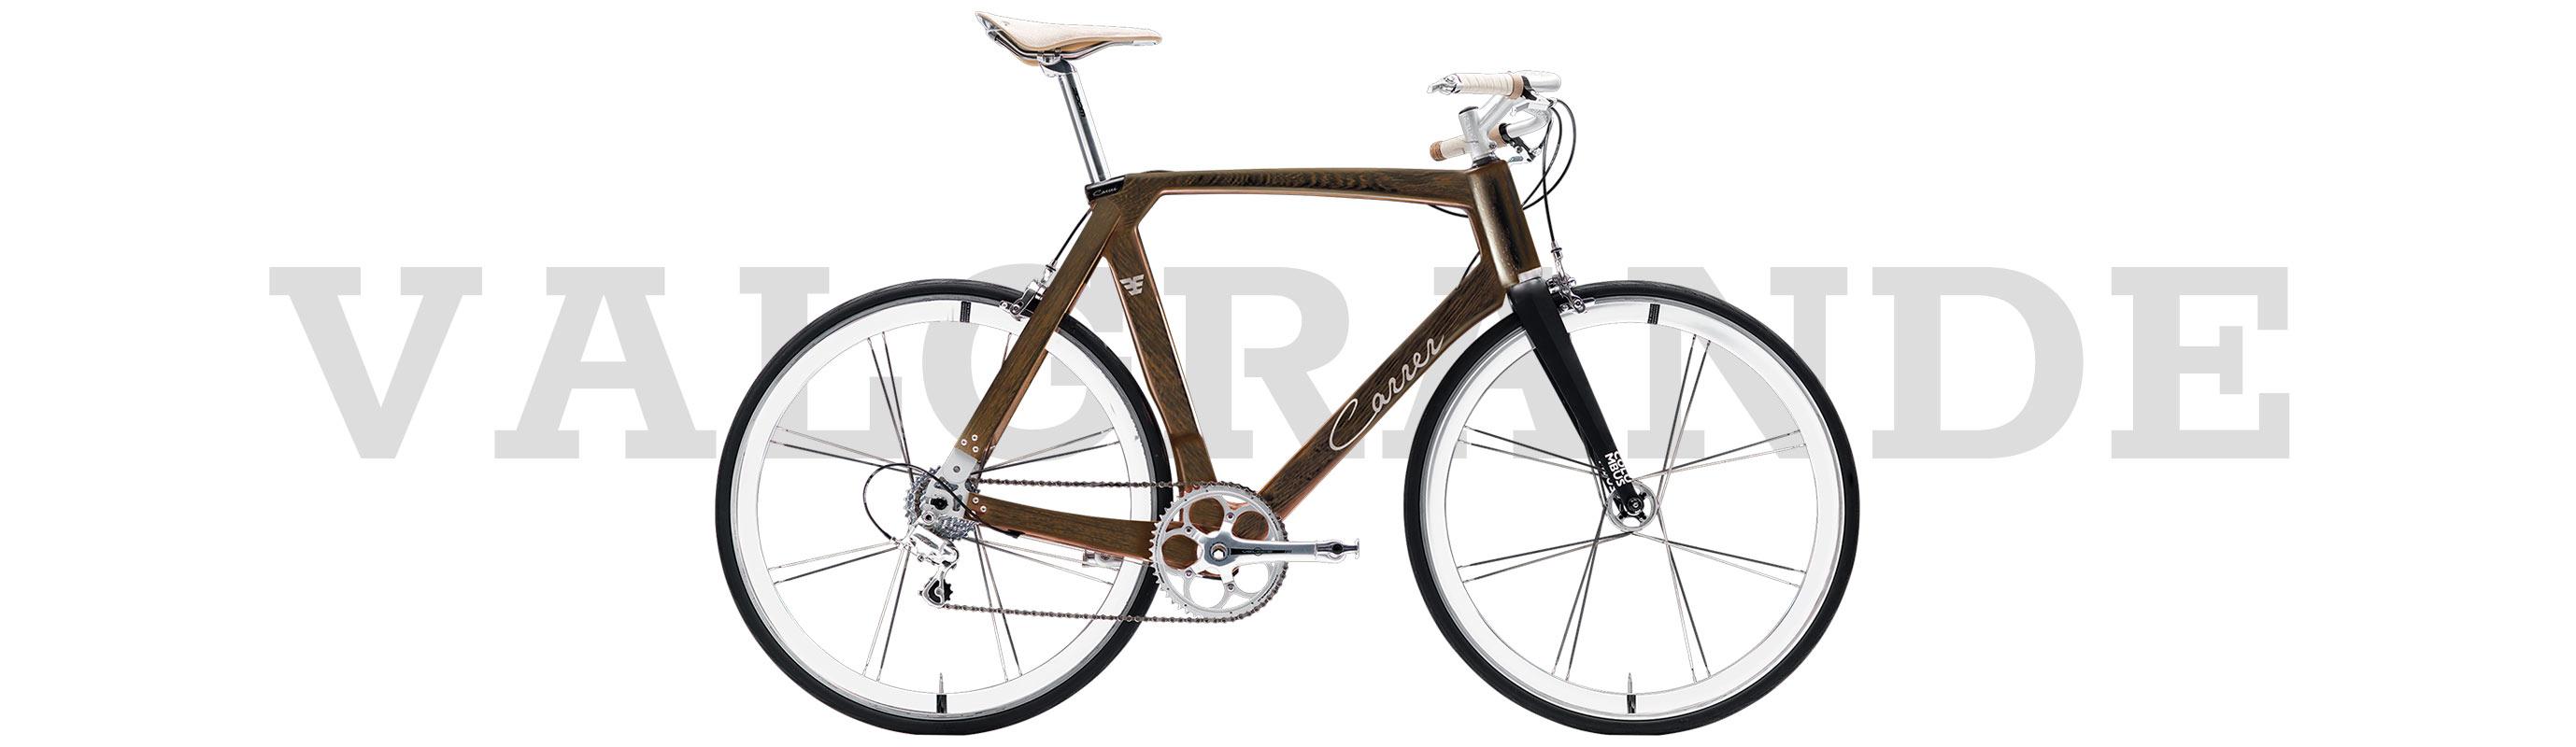 City bike Valgrande